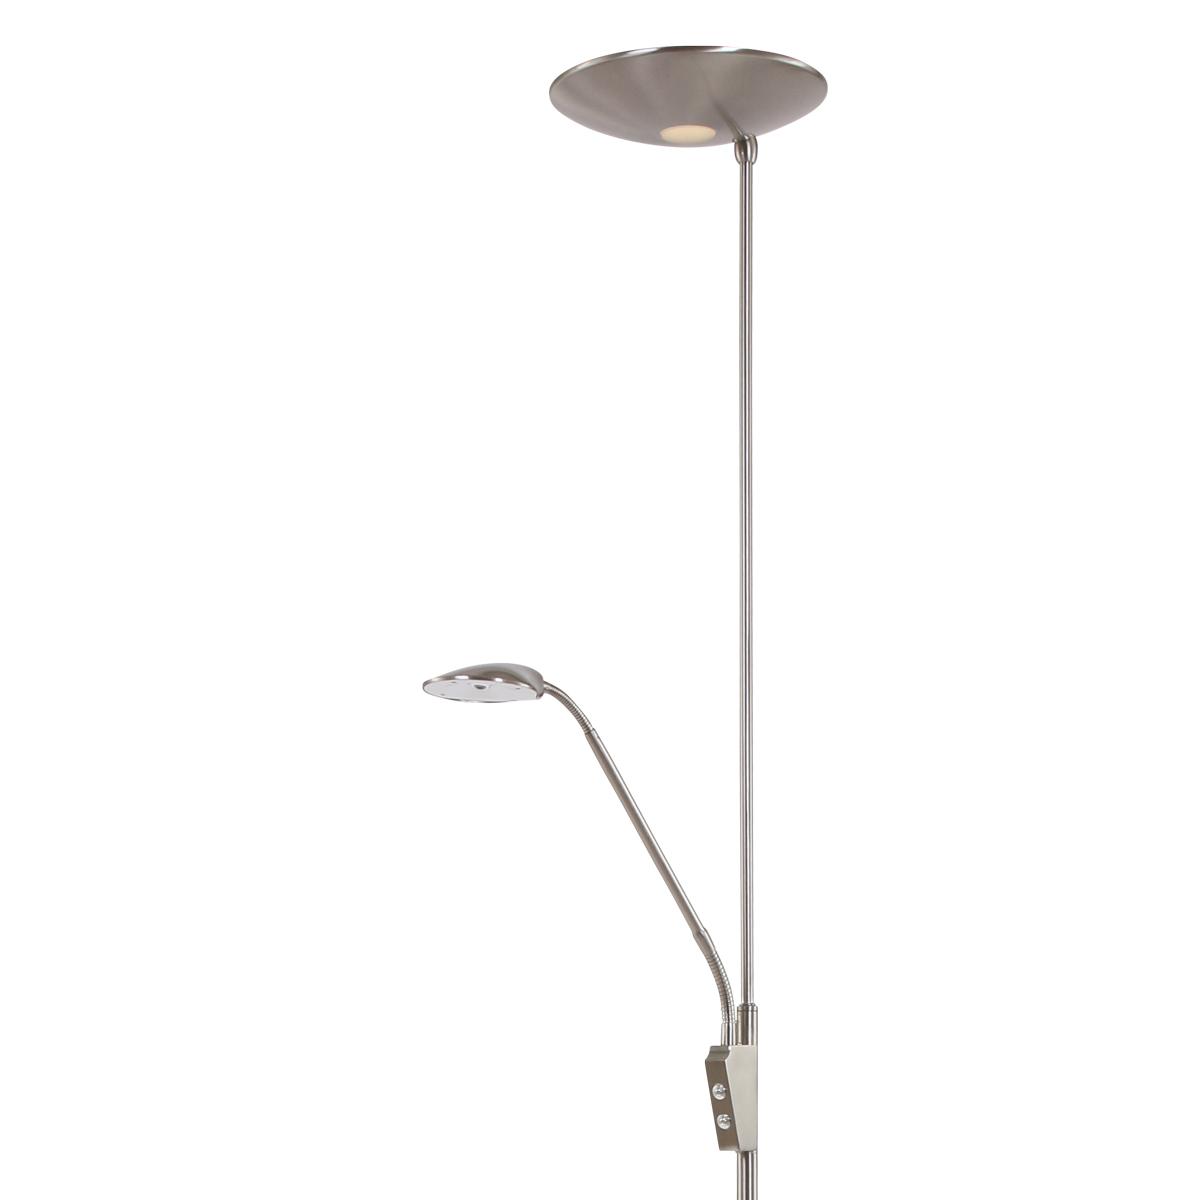 Full Size of Stehlampe Dimmbar Piroupat Moderne Deckenfluter Stahl Wohnzimmer Stehlampen Schlafzimmer Wohnzimmer Stehlampe Dimmbar